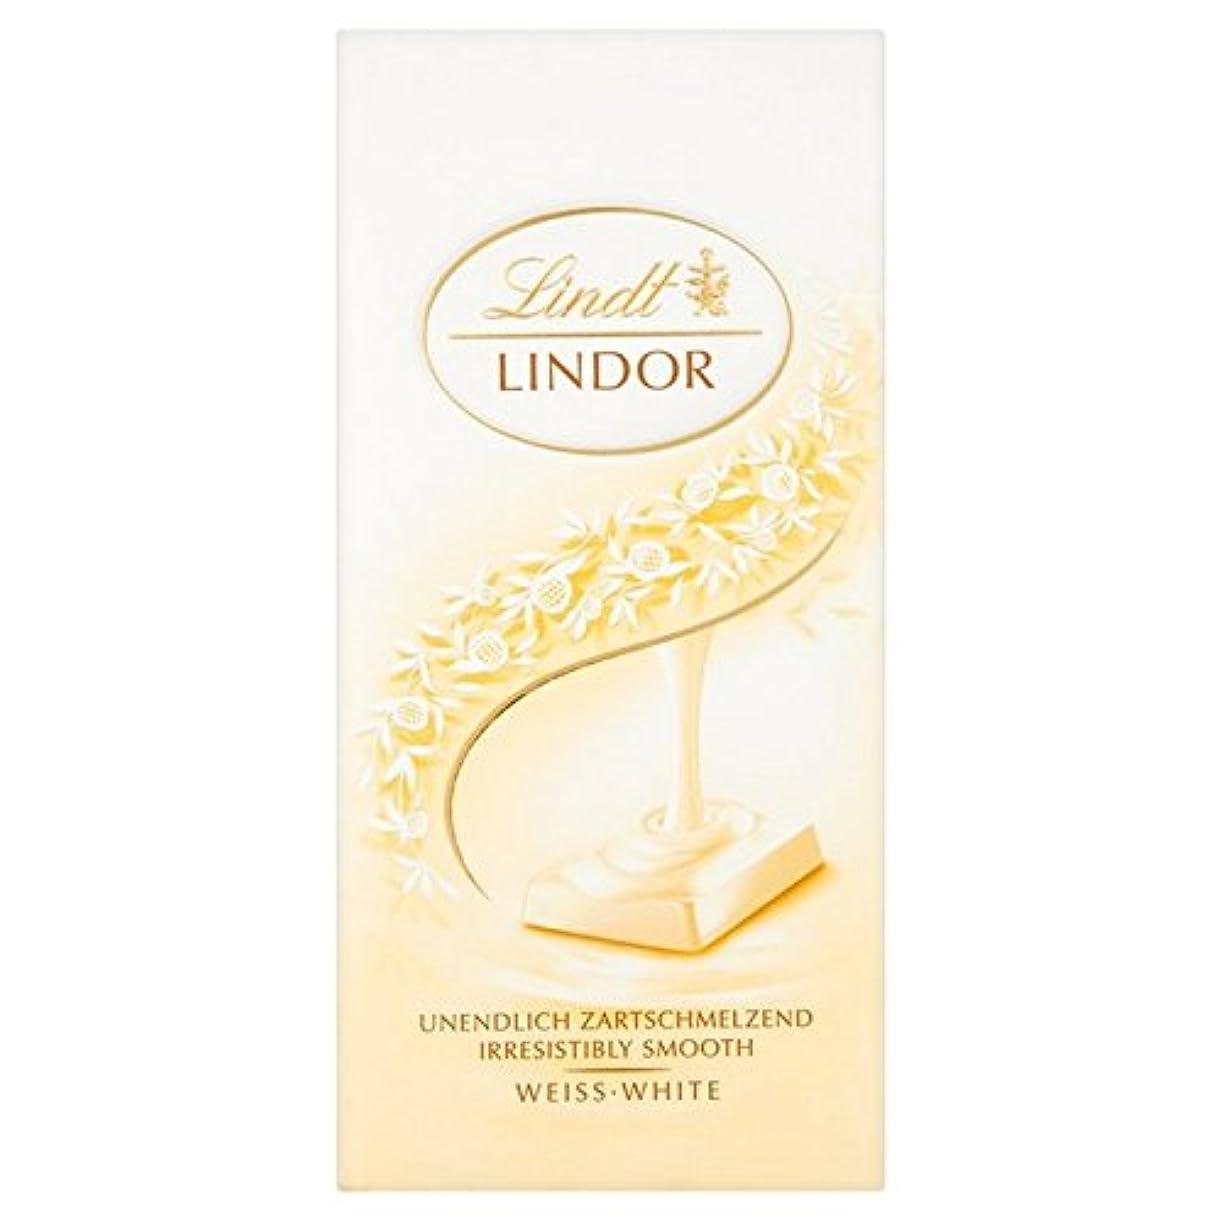 バスト不適切な承知しました(Lindt (リンツ)) Lindor白バー100グラム (x4) - Lindt Lindor White Bar 100g (Pack of 4) [並行輸入品]